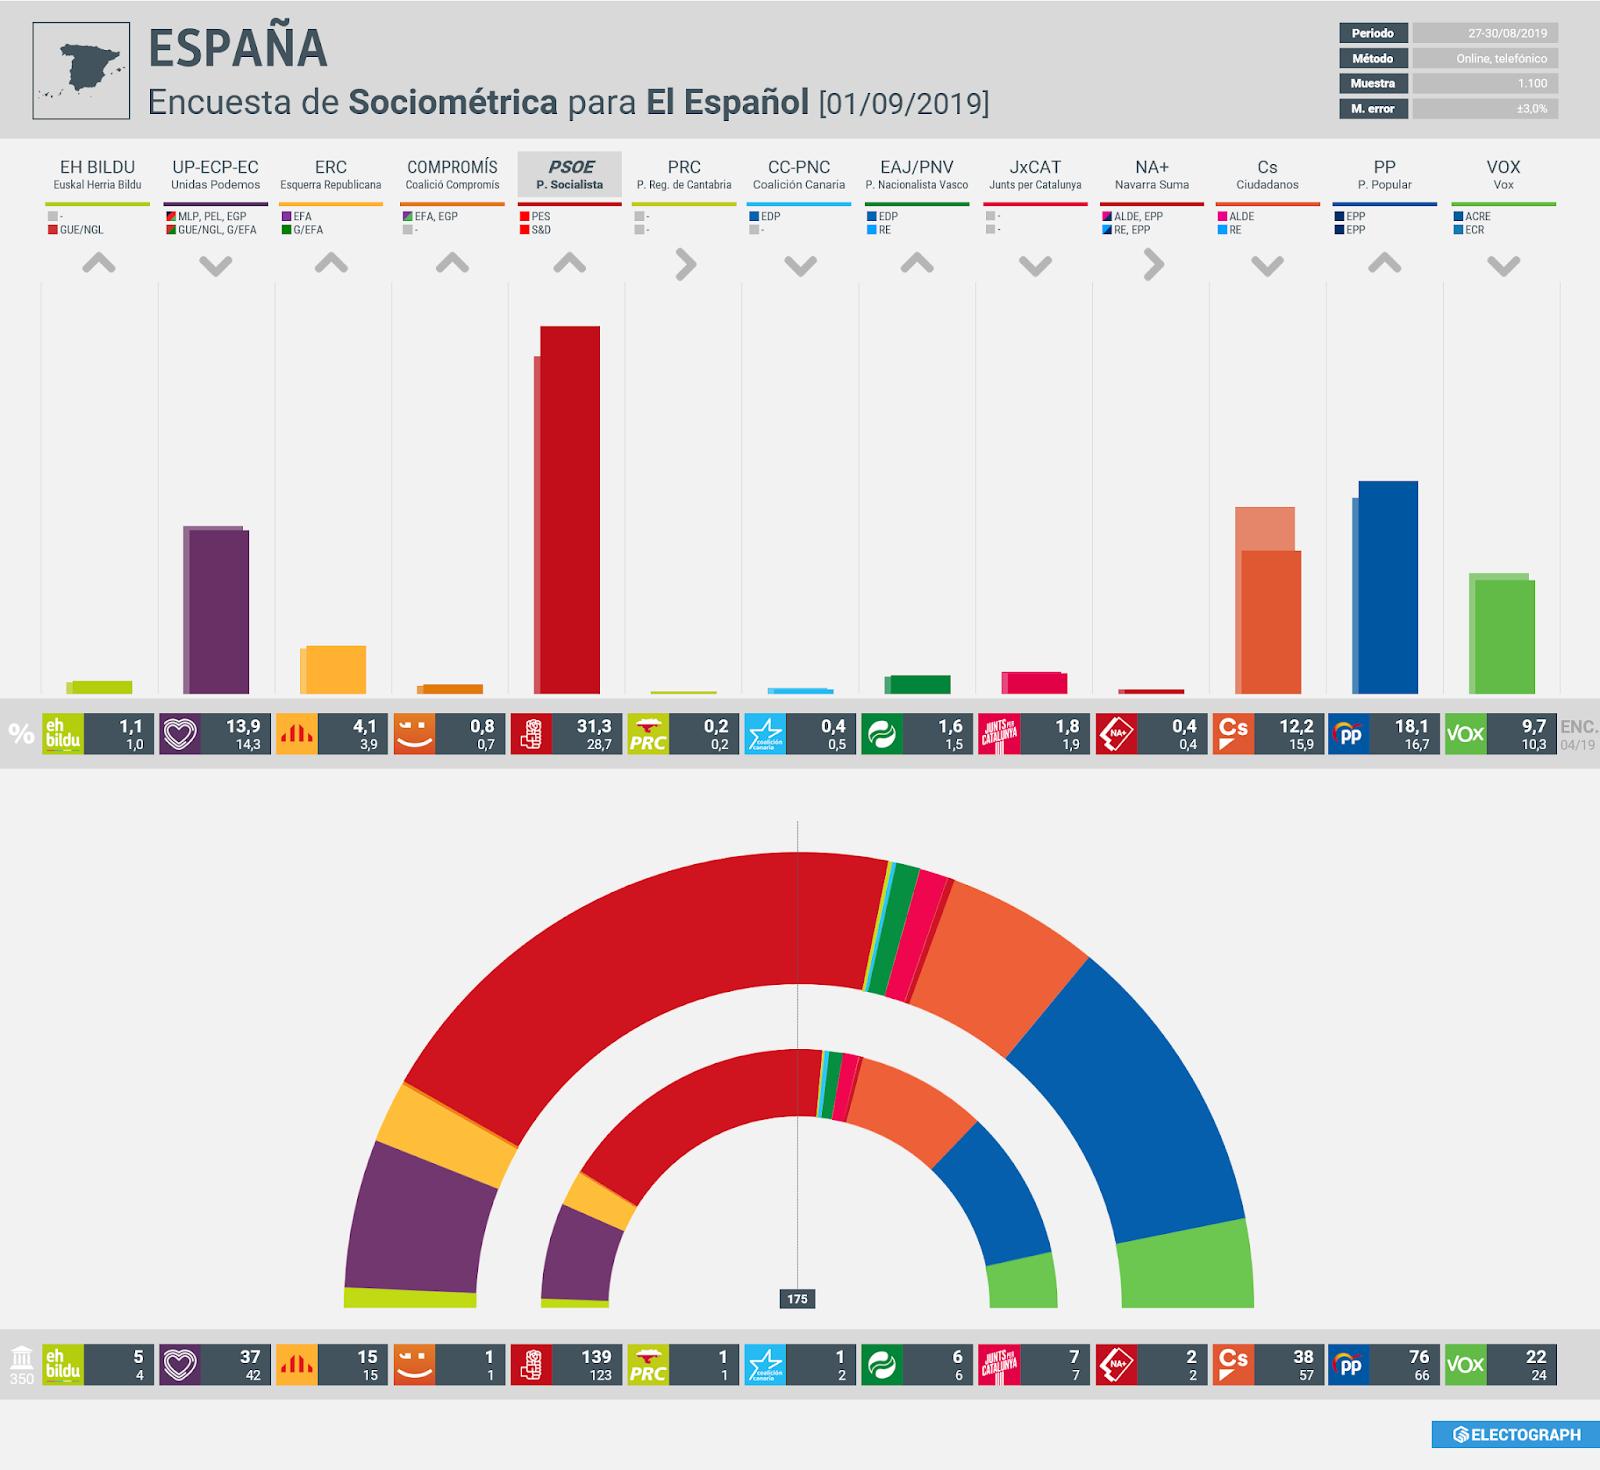 Gráfico de la encuesta para elecciones generales en España realizada por Sociométrica para El Español, 1 de septiembre de 2019